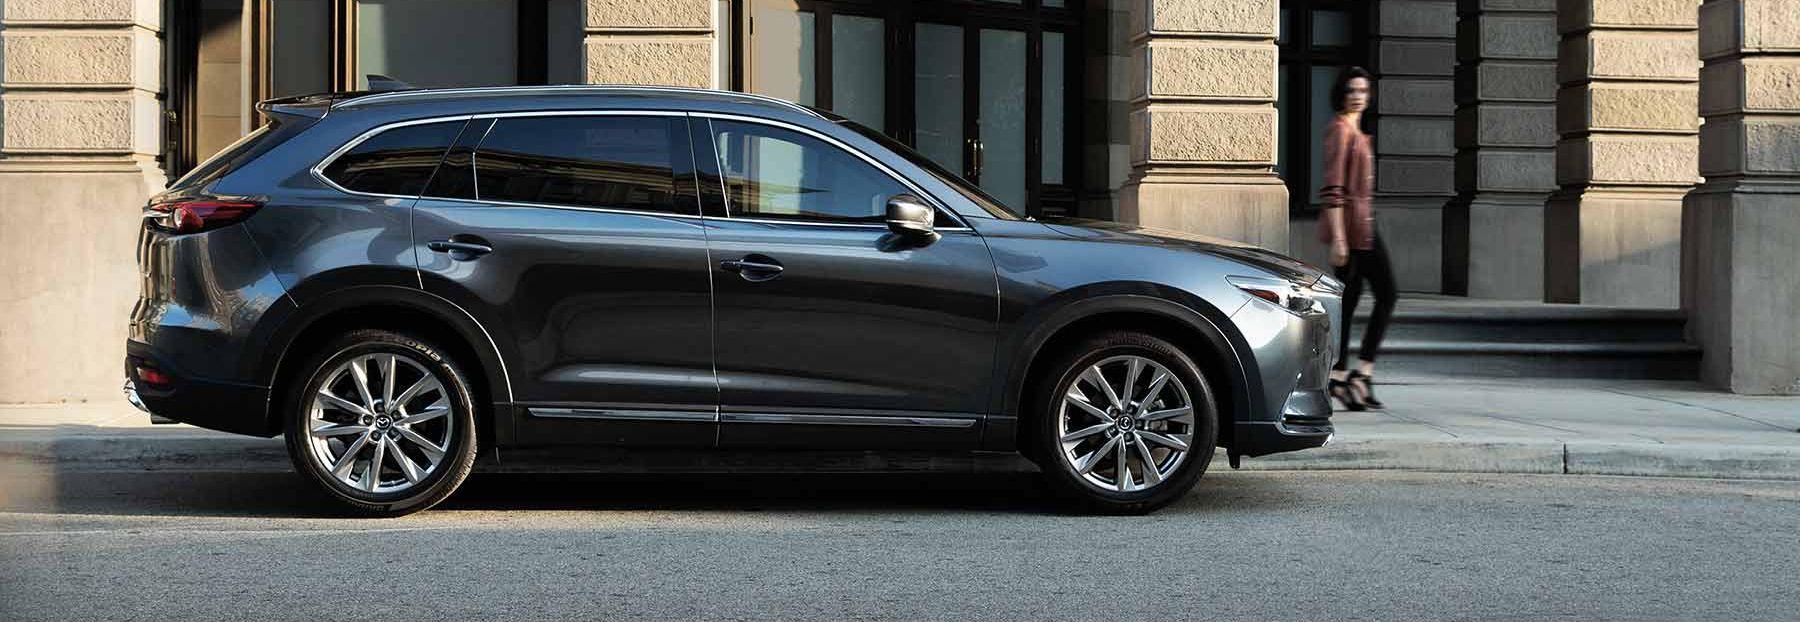 2019 Mazda CX-9 for Sale near Copperas Cove, TX